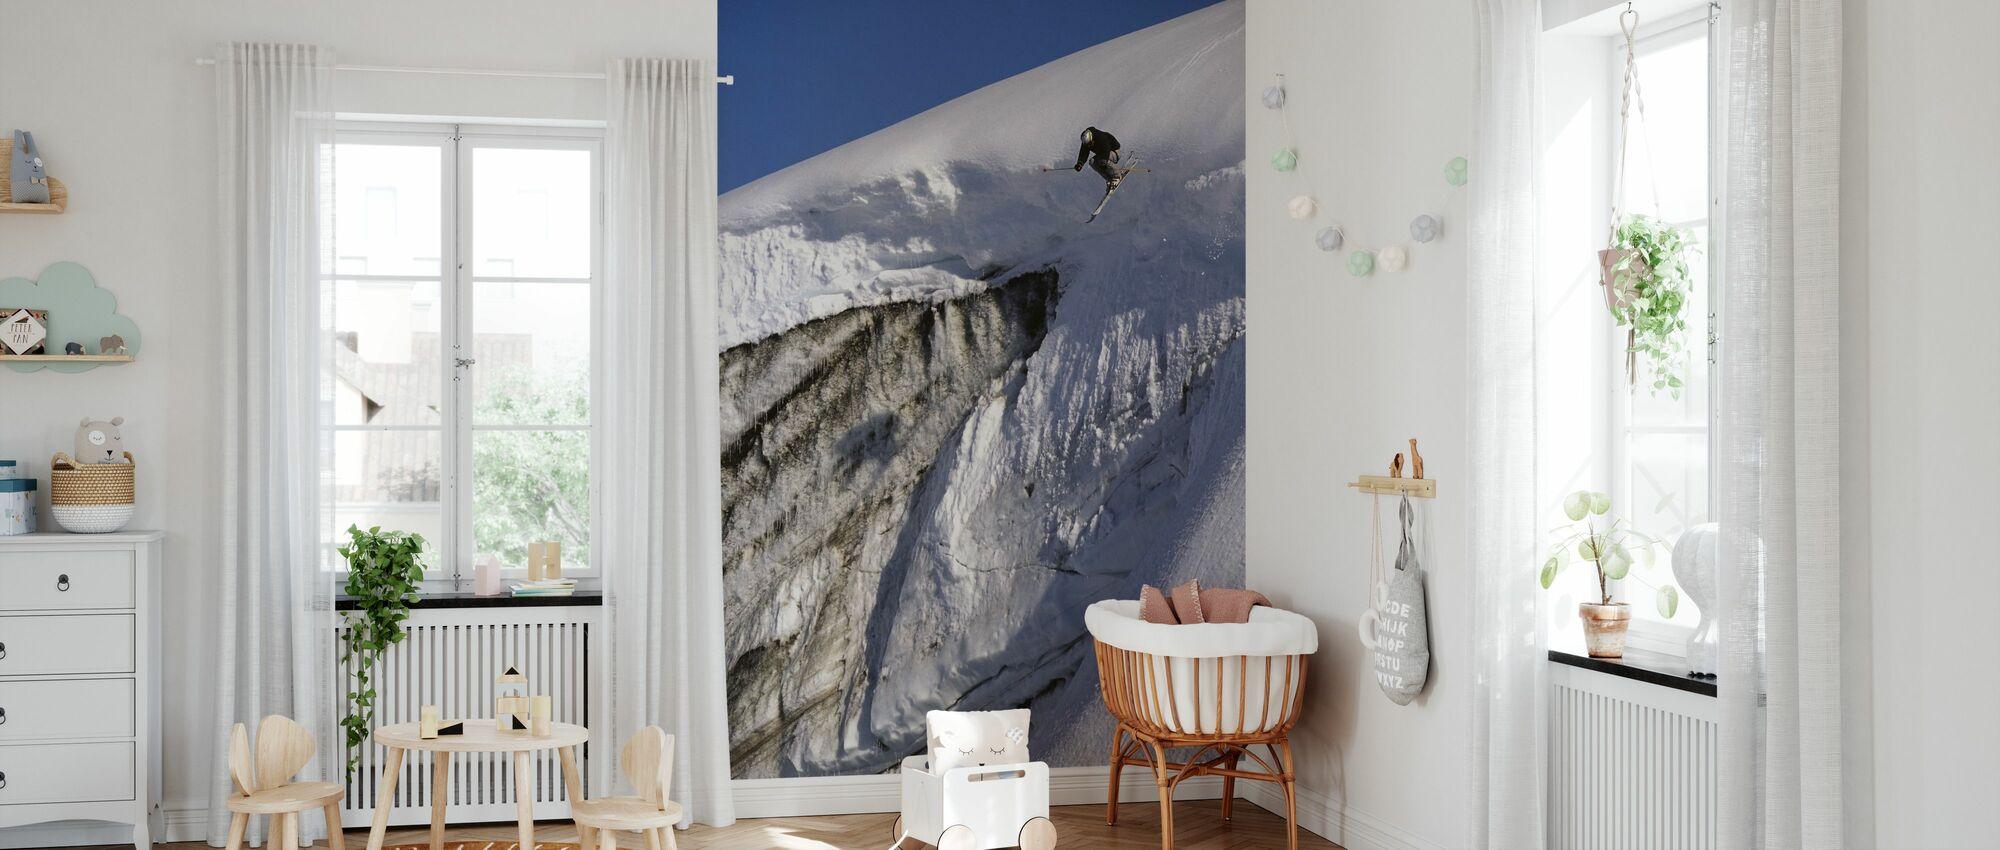 Skiën op de Apussuit gletsjer - Behang - Babykamer